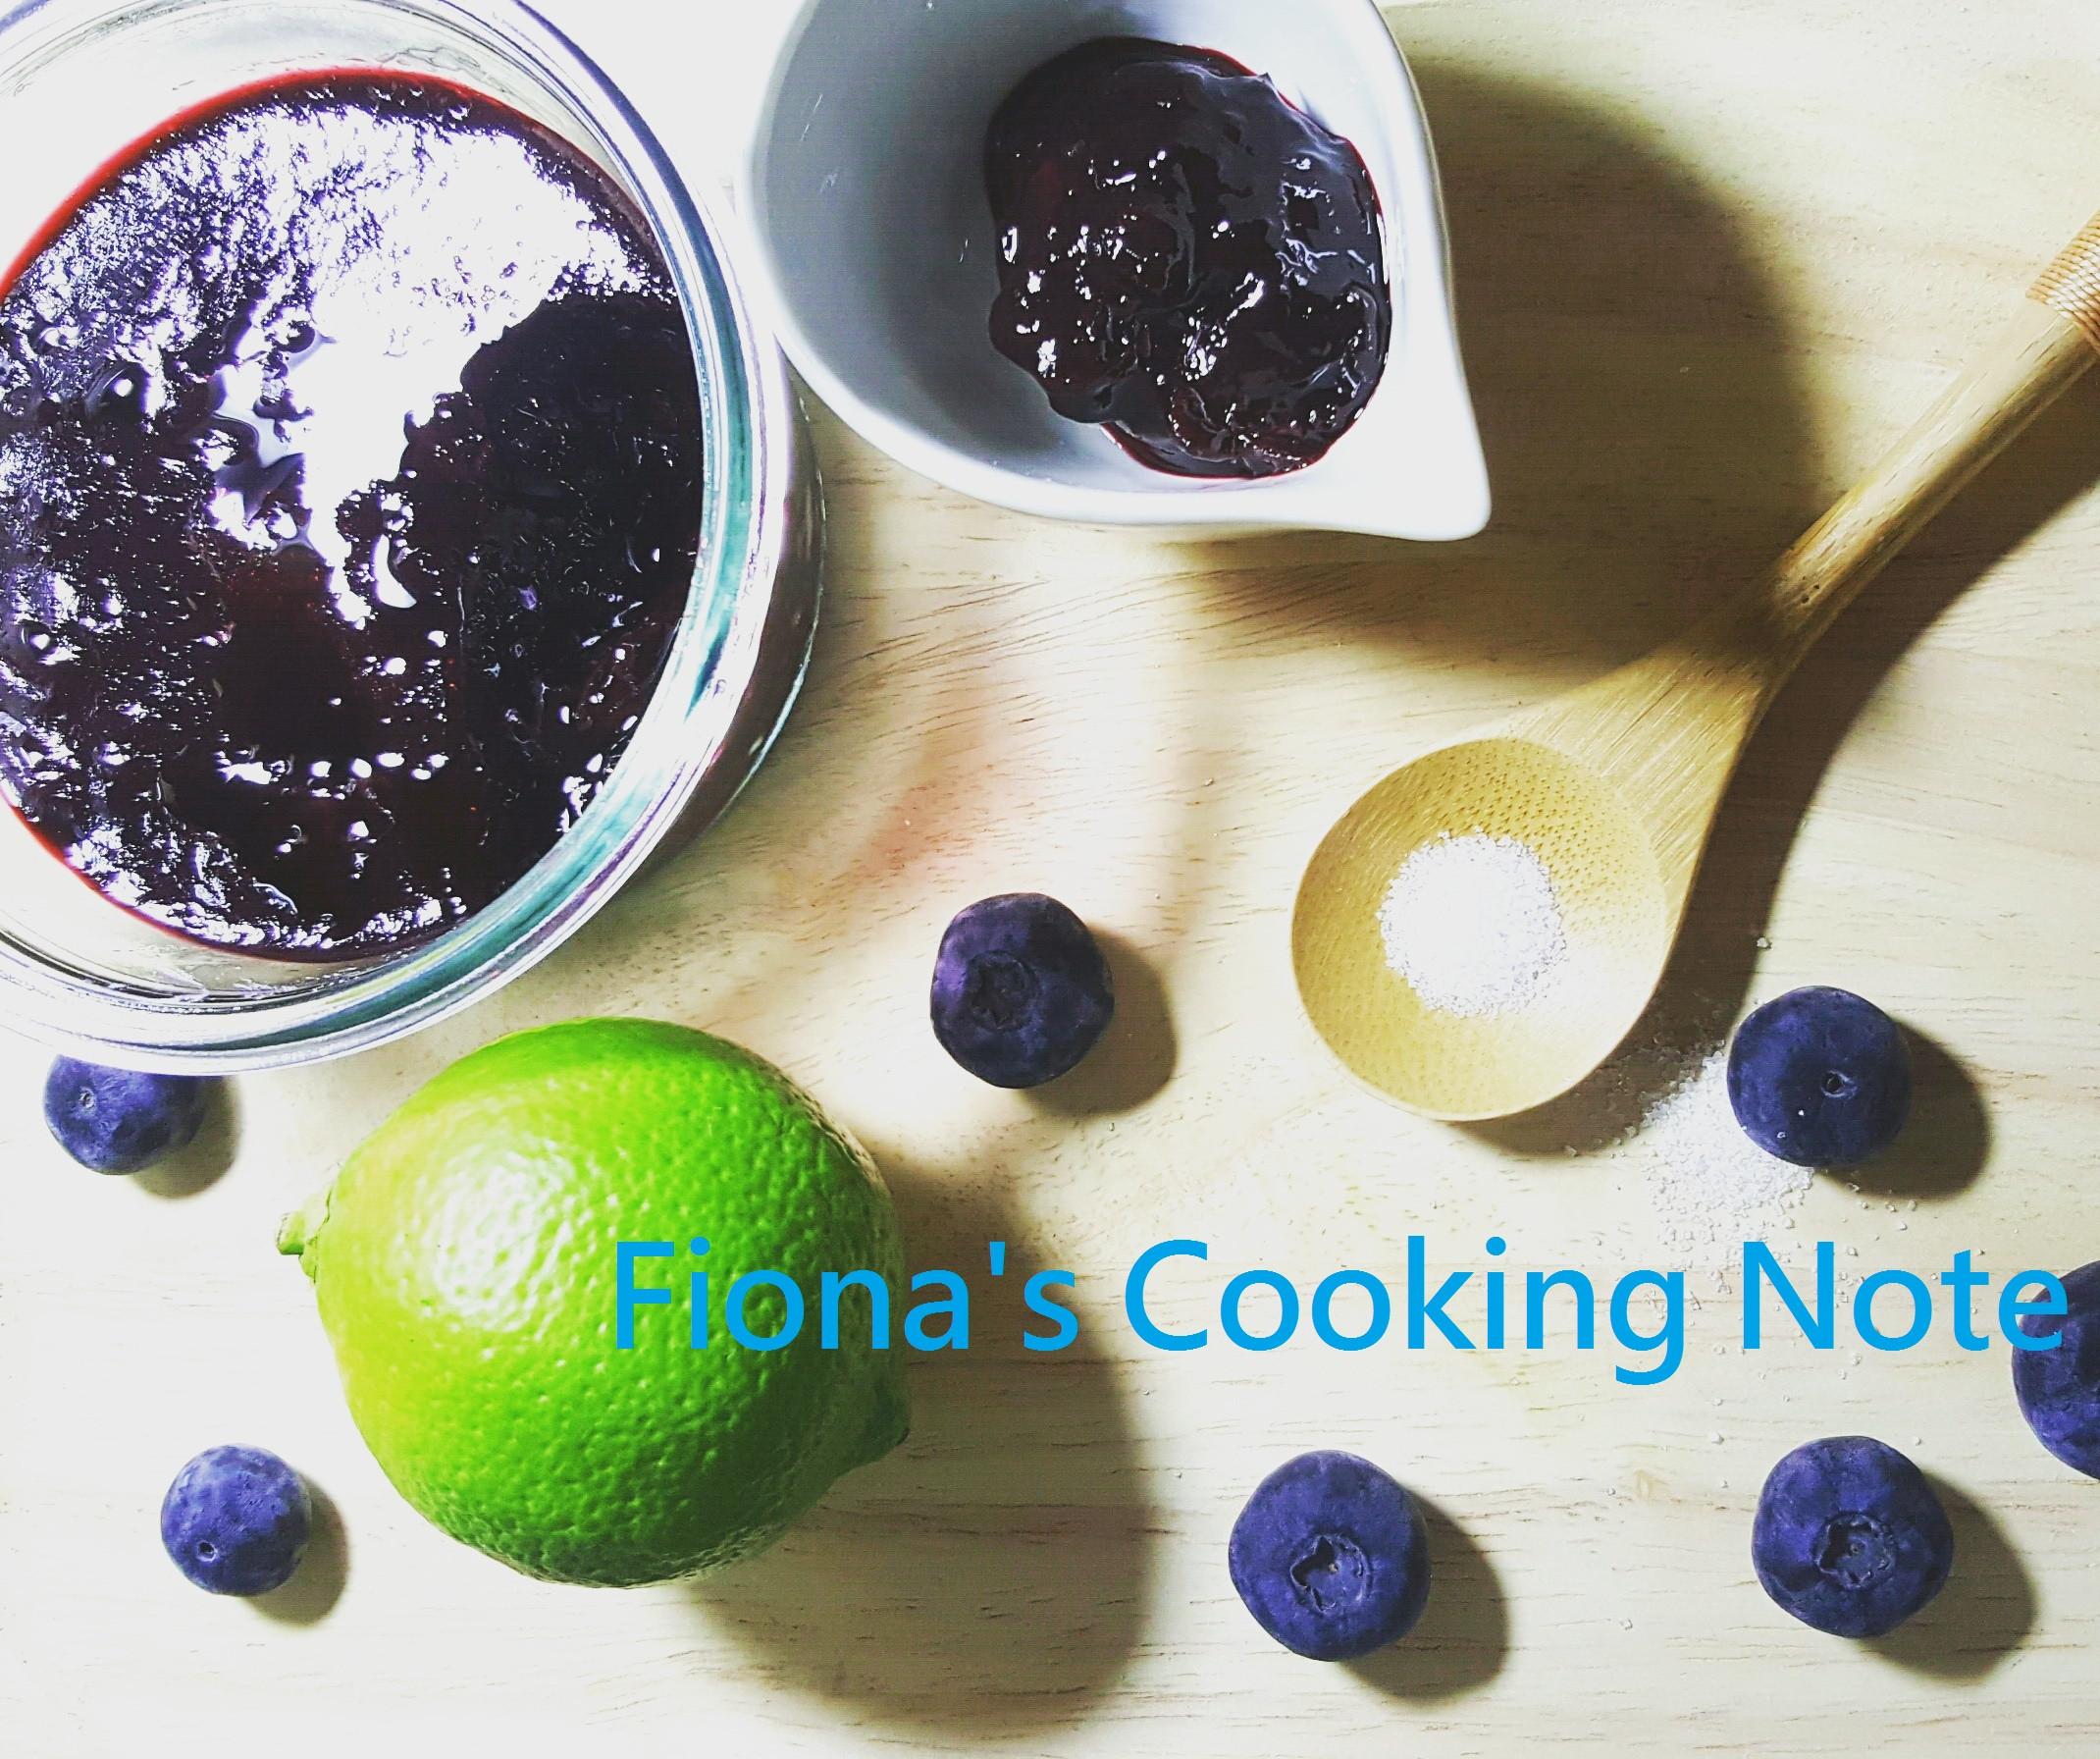 十分鐘做藍莓果醬